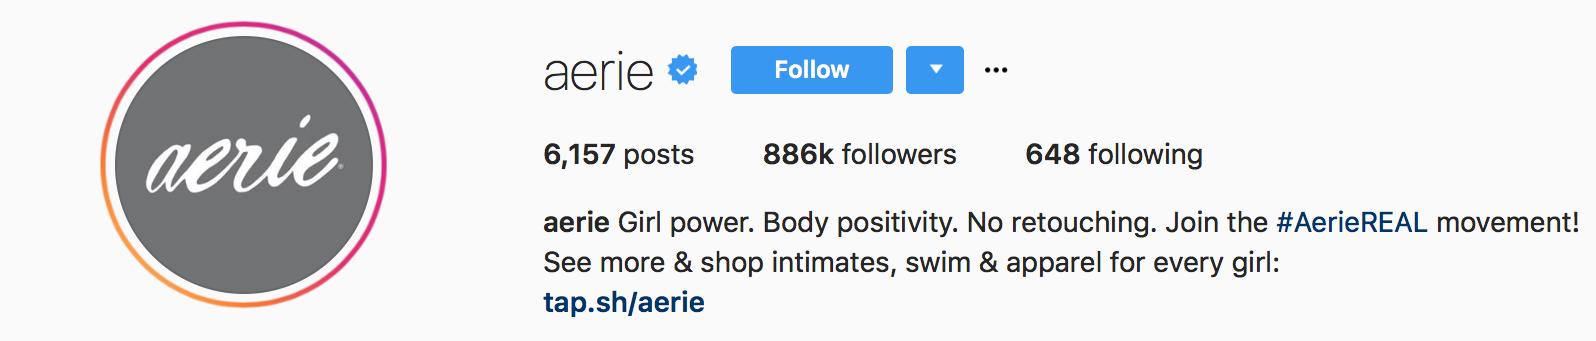 Aerie Instagram 2